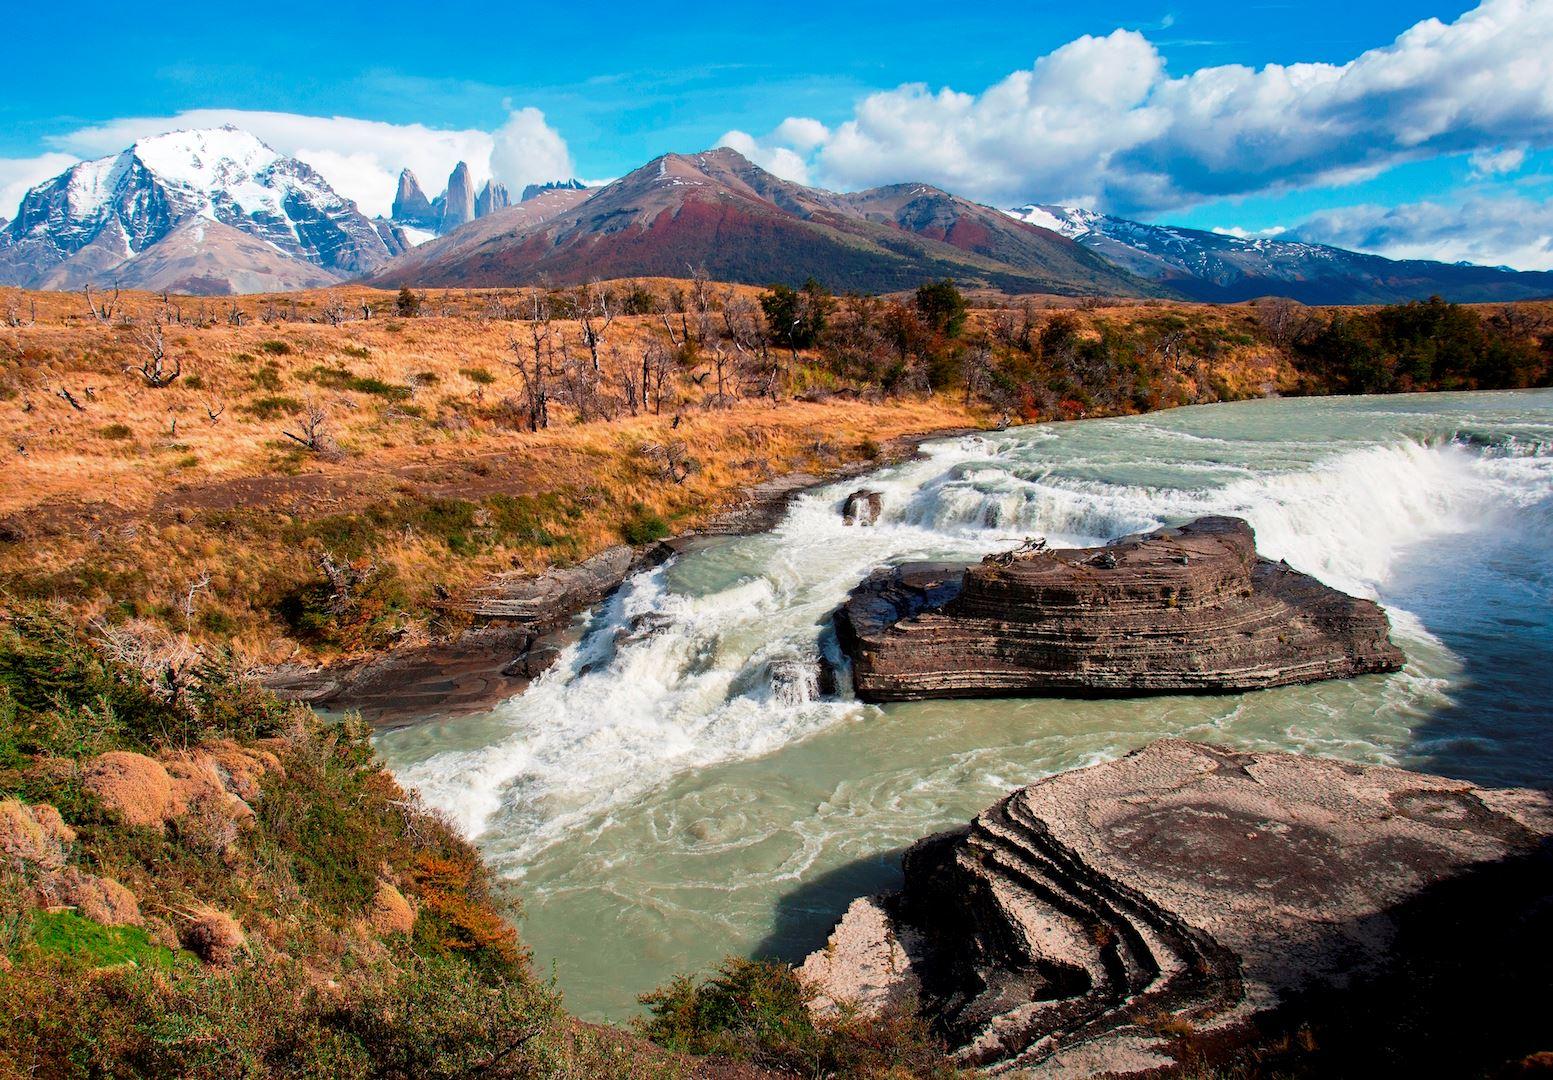 Torres del Paine W Trek (Classic Circuit)